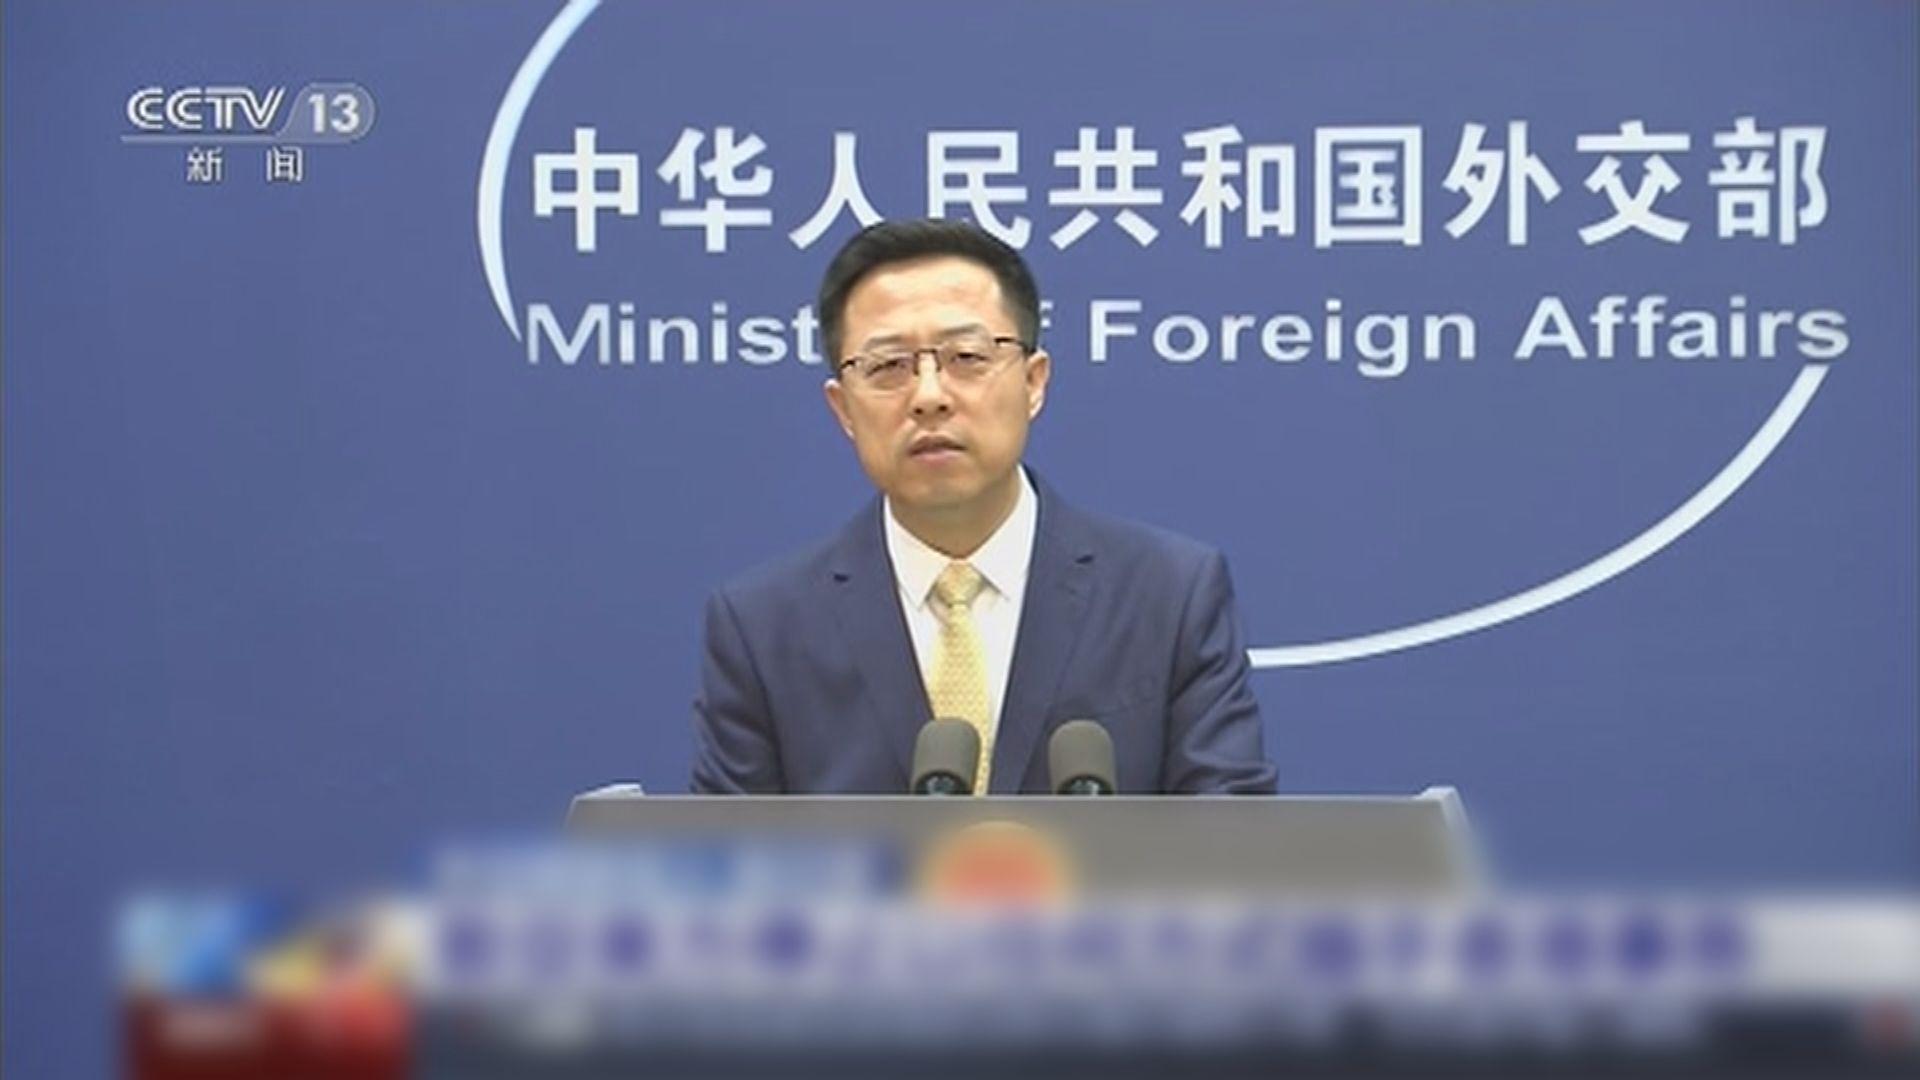 拜登批中國打壓港新聞自由 外交部駁斥指控毫無根據